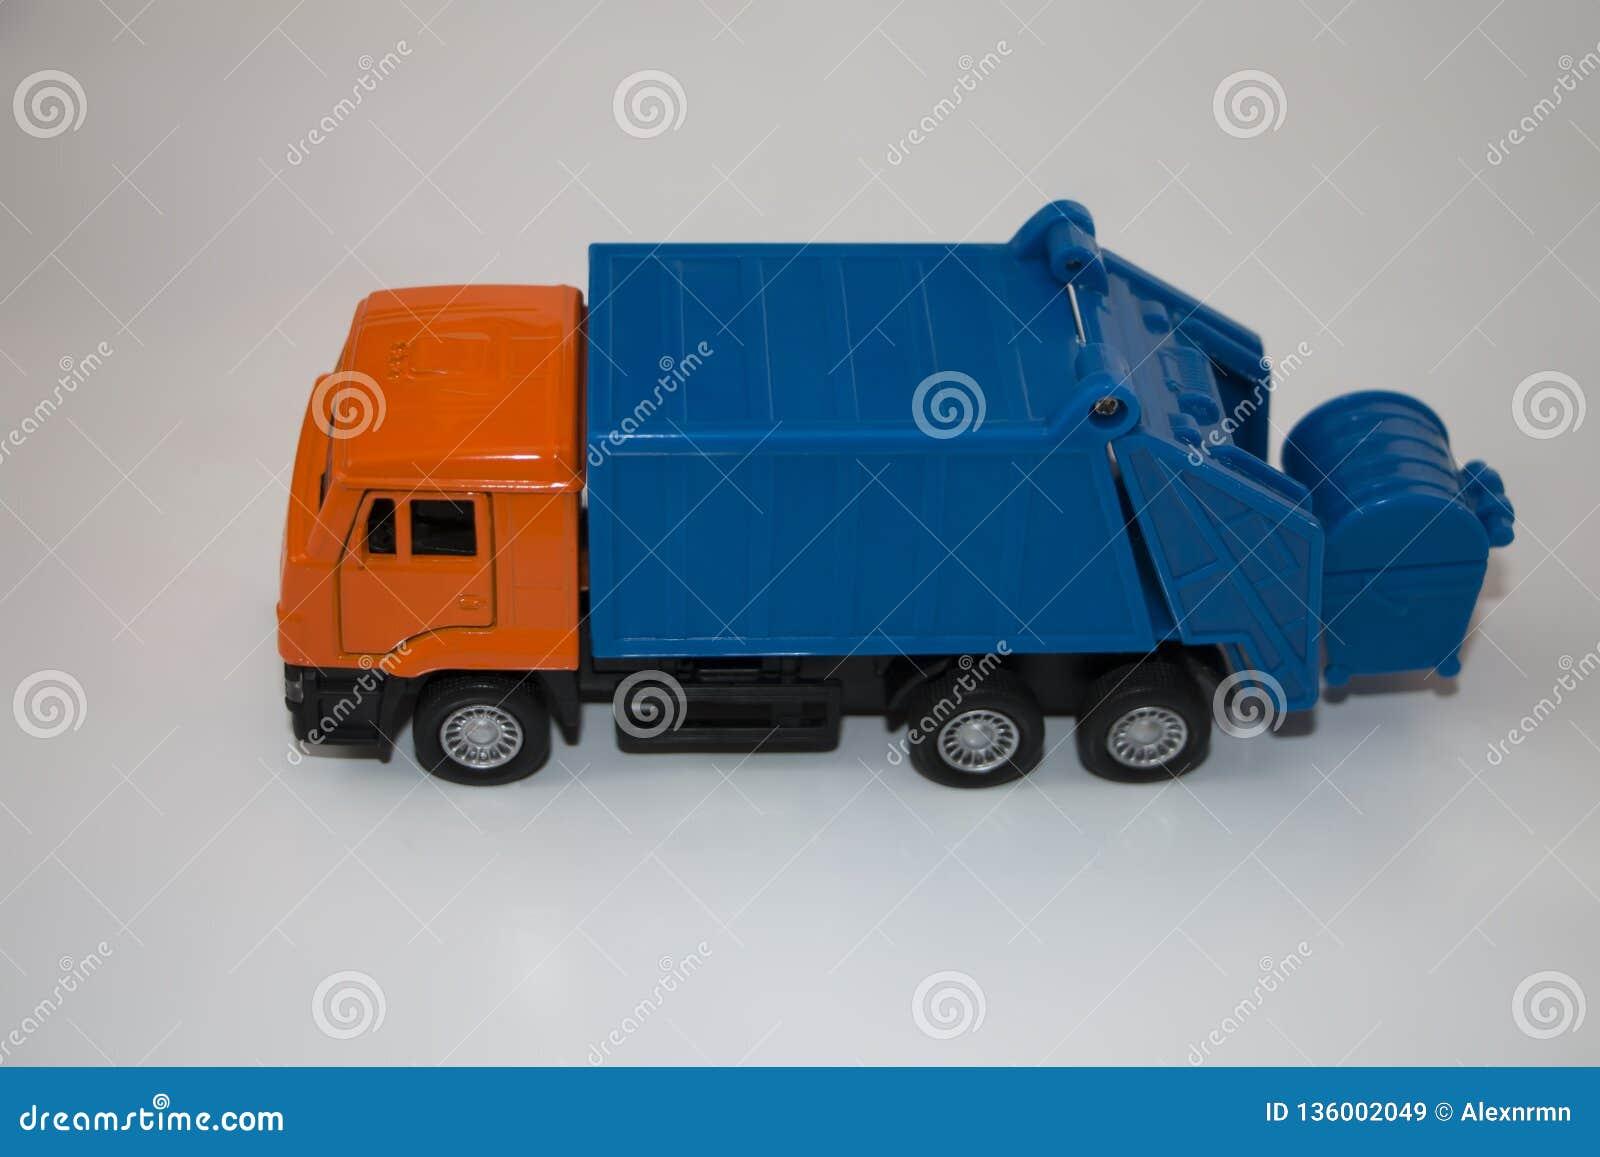 玩具在白色背景的垃圾车